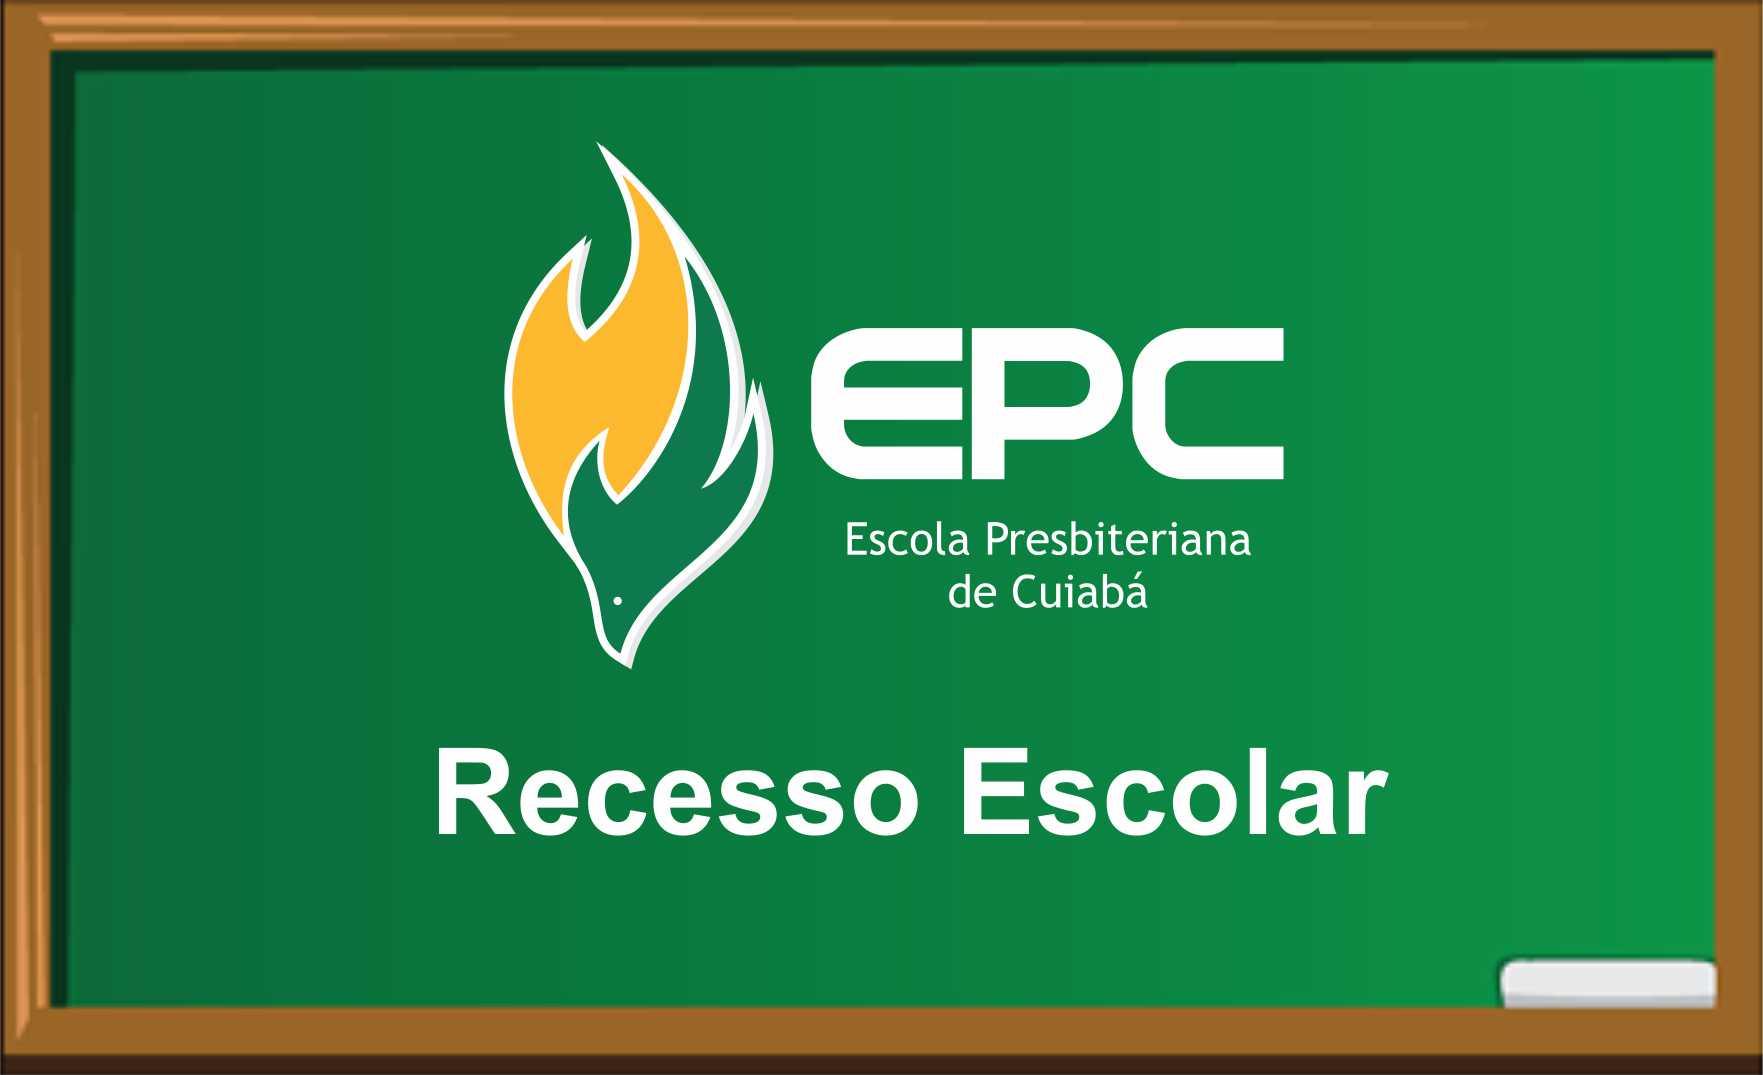 Recesso Escolar EPC